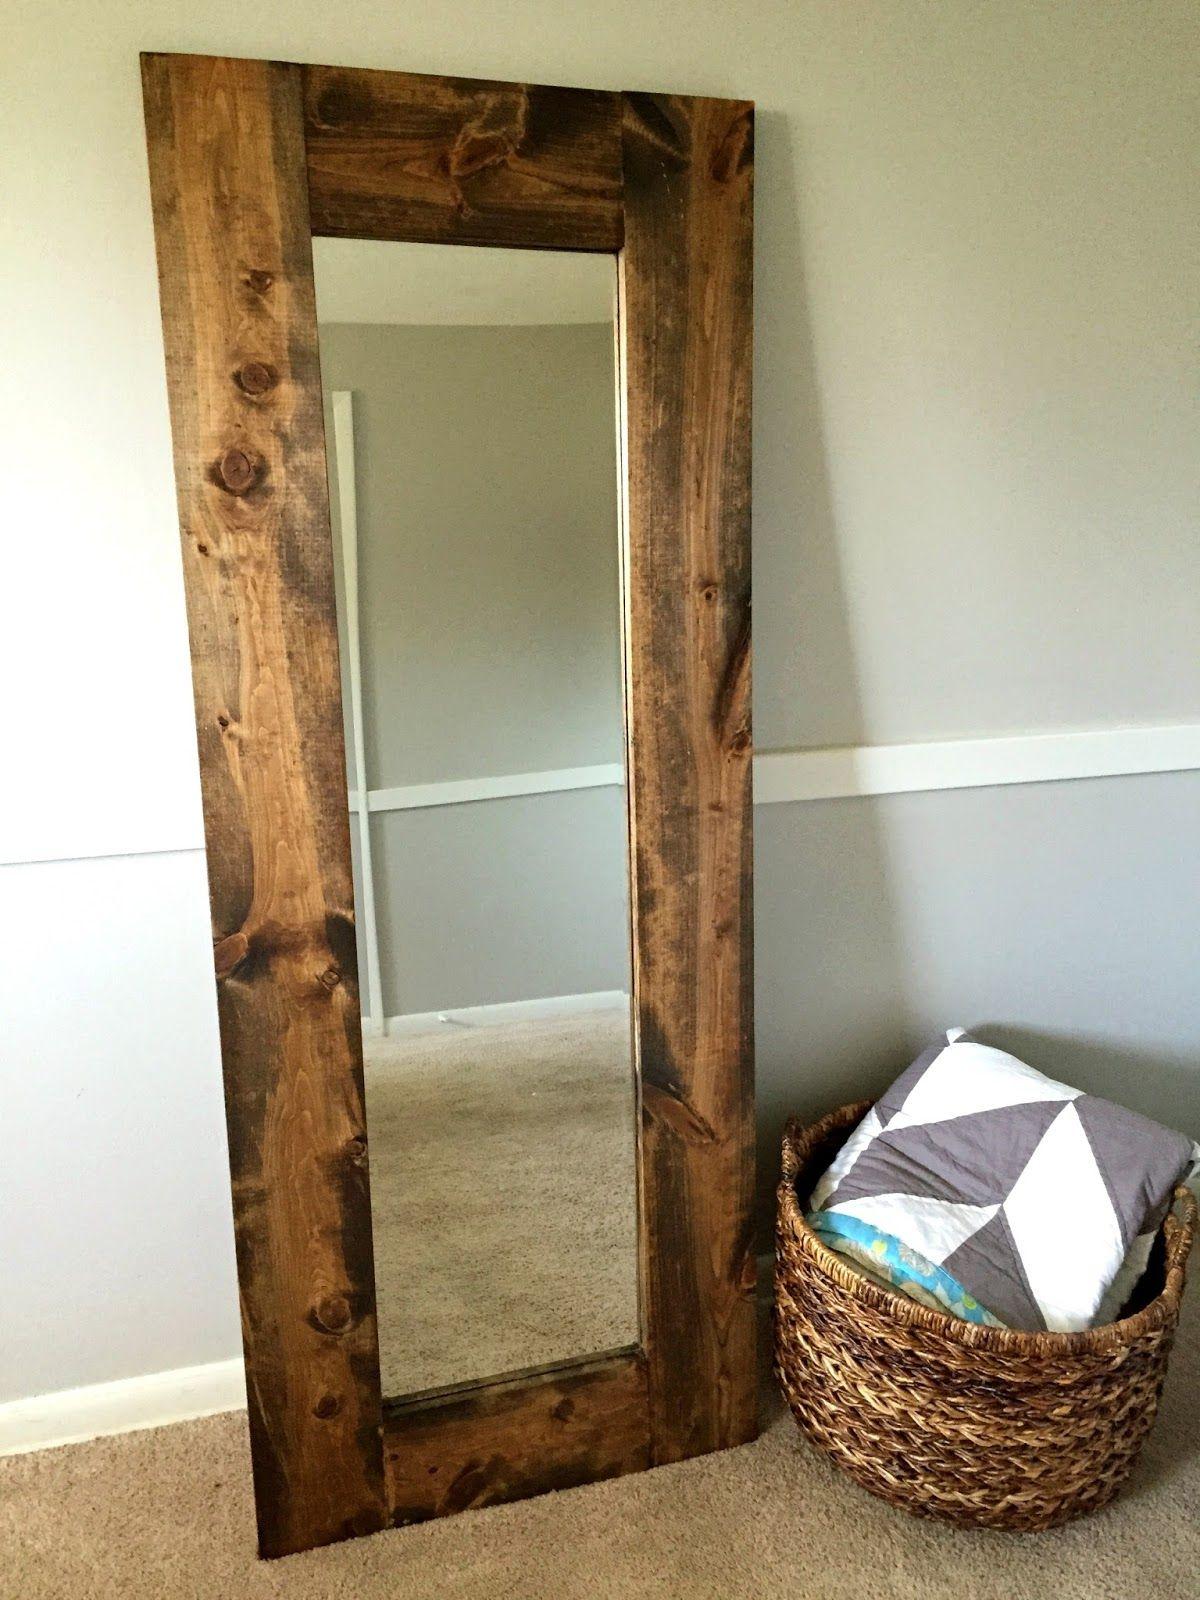 Woodland flower door mirror to floor mirror wall art woodland flower door mirror to floor mirror amipublicfo Gallery